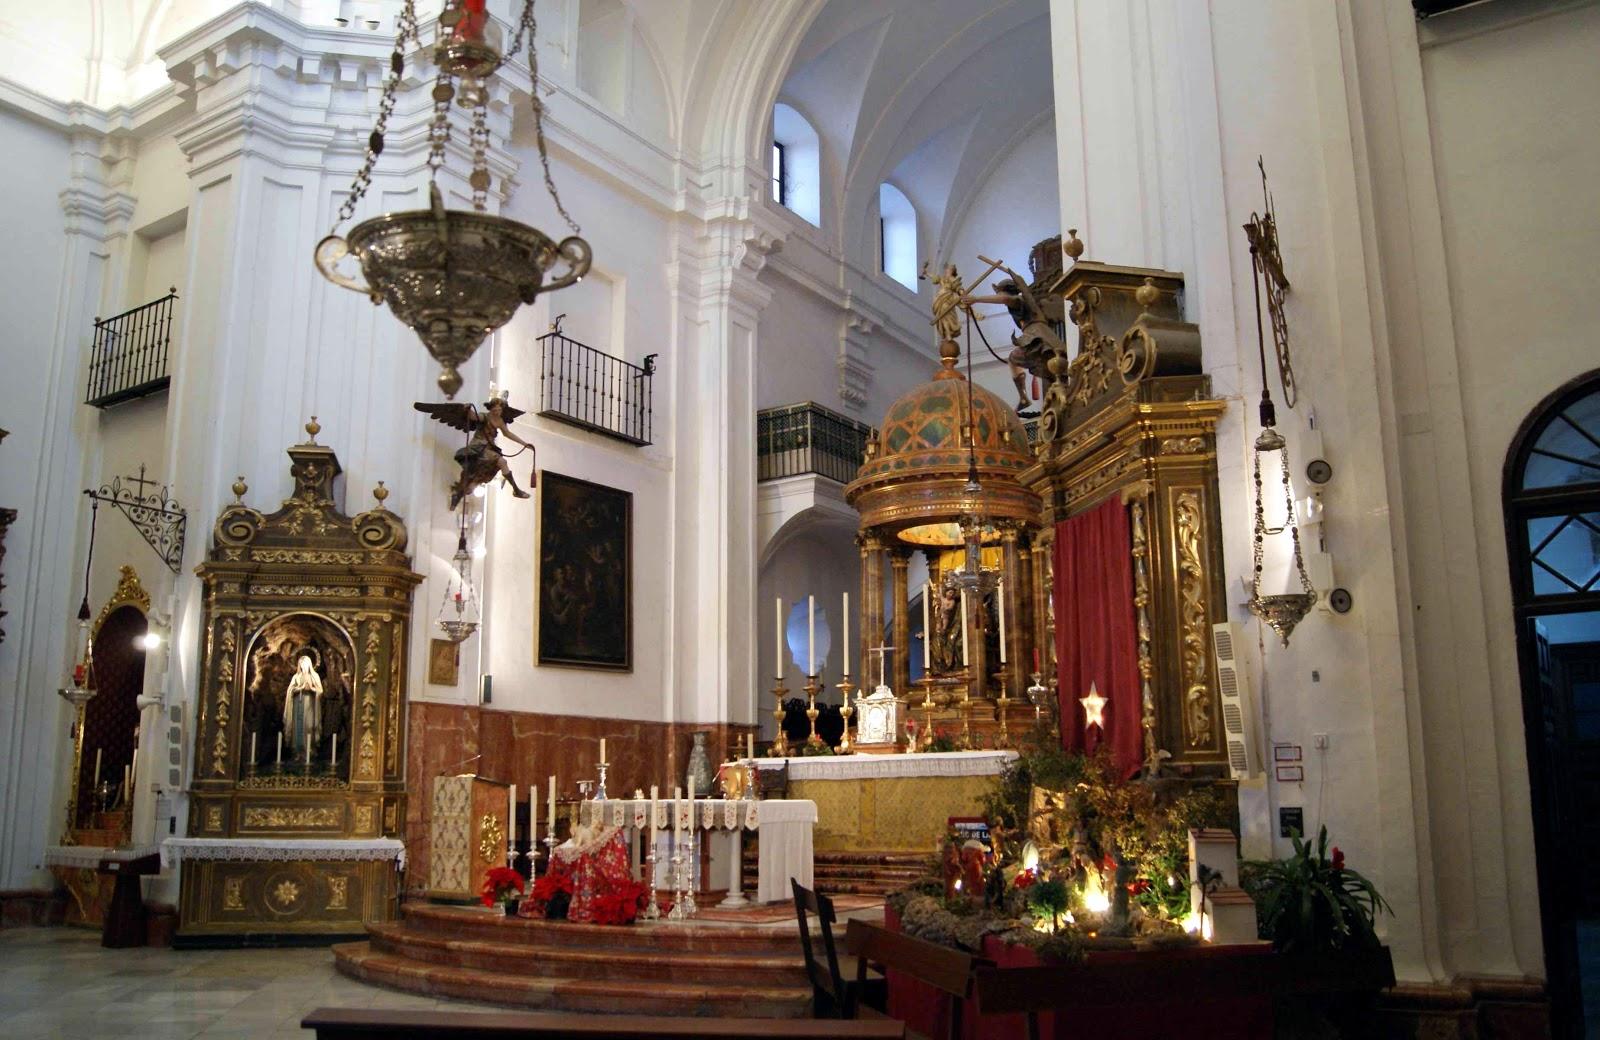 Horarios de misa en sevilla andalunet el portal de sevilla - Horario merkamueble sevilla ...